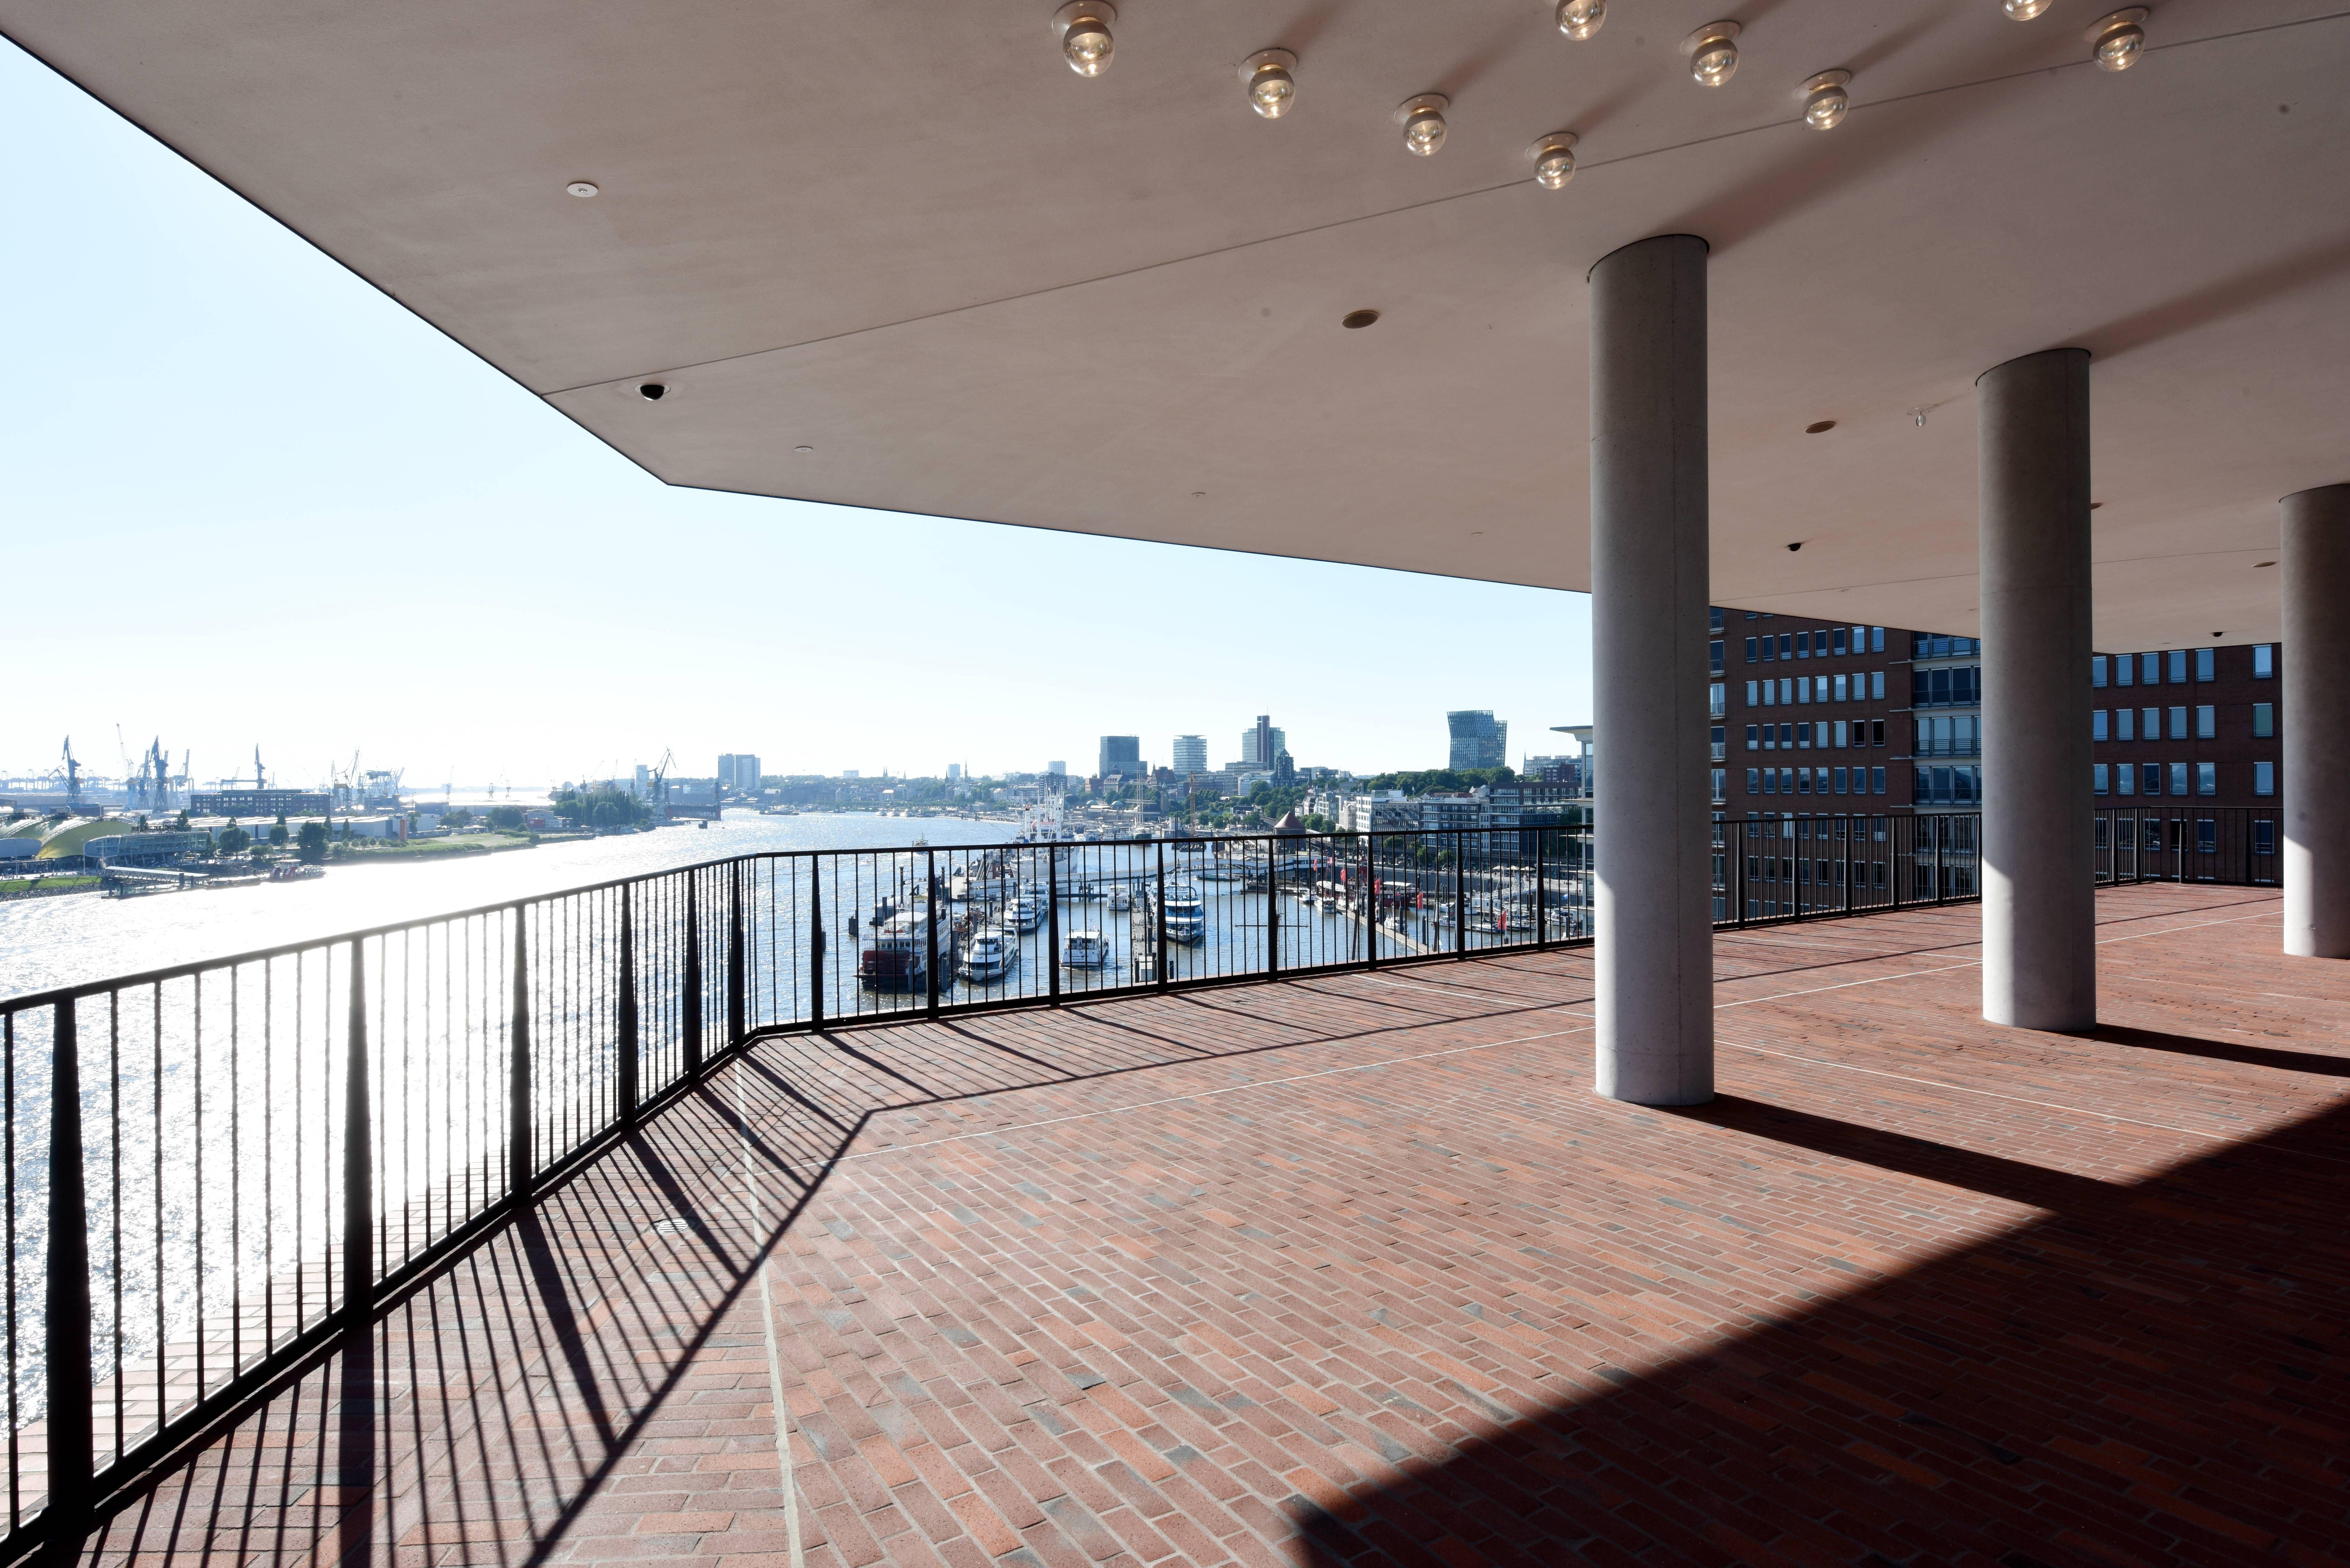 Aussenplaza C Michael Zapf Architektur Moderne Architektur Kleiner Saal